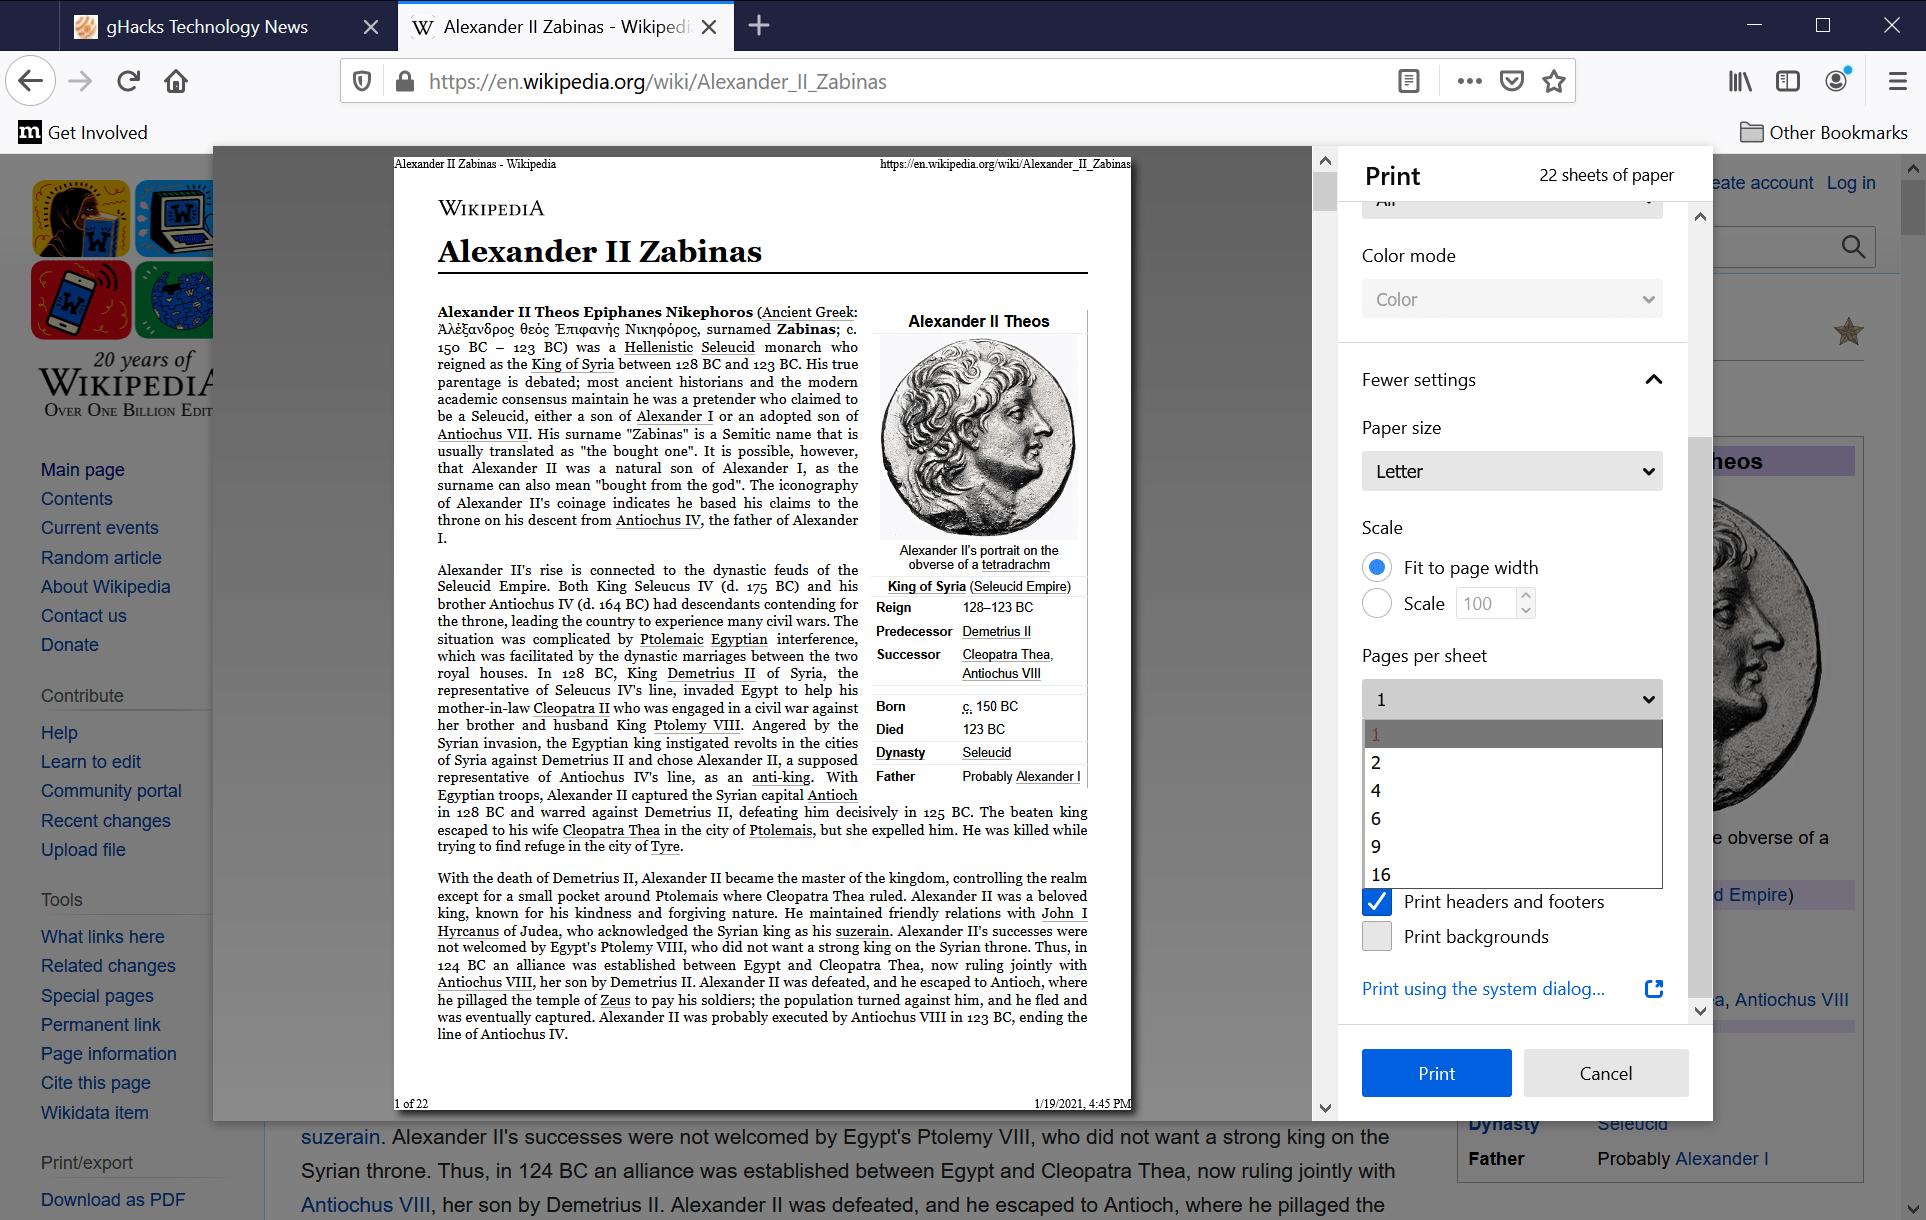 Firefox-imprime varias páginas por hoja